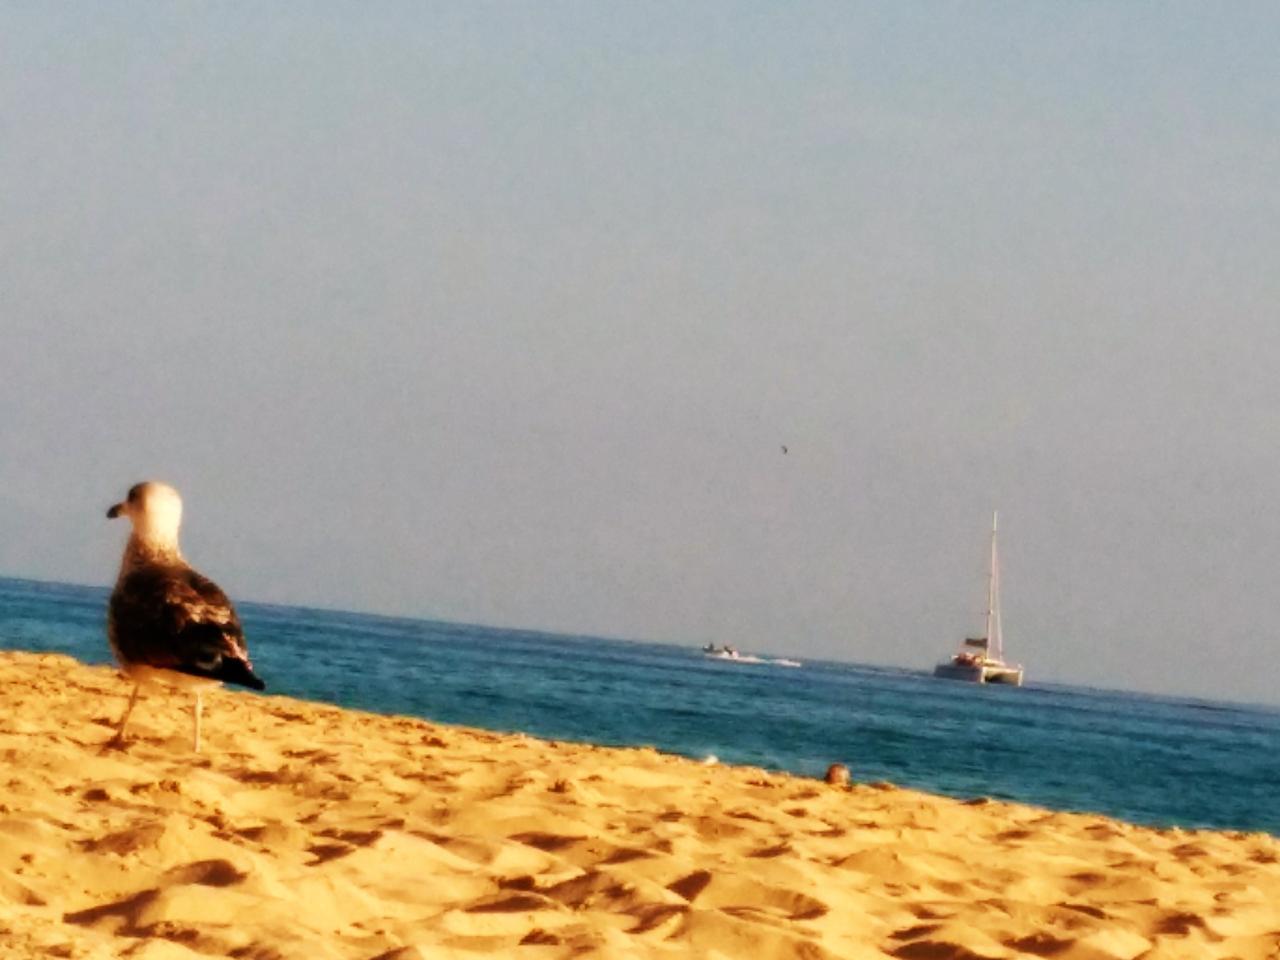 Ferienwohnung Bungalow mit Charme  nahe dem Strand und dem Meer, mit großem Terrasse 25 m. WIFI (497106), Costa Calma, Fuerteventura, Kanarische Inseln, Spanien, Bild 28